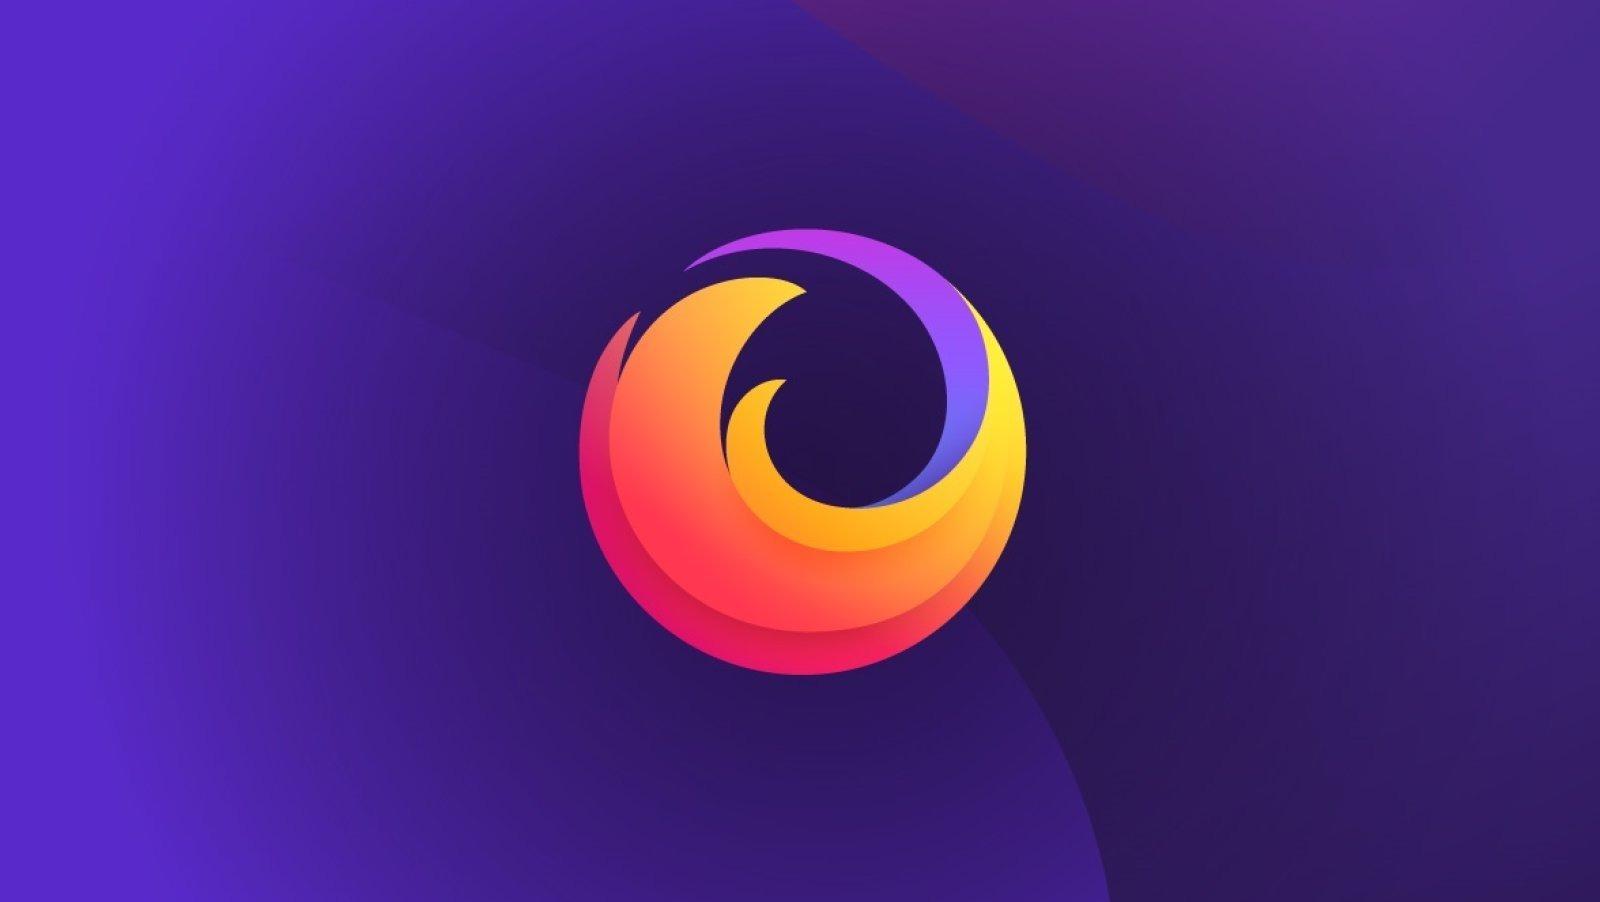 Firefox 68 : extensions conseillées, dark mode partout… voici les nouveautés